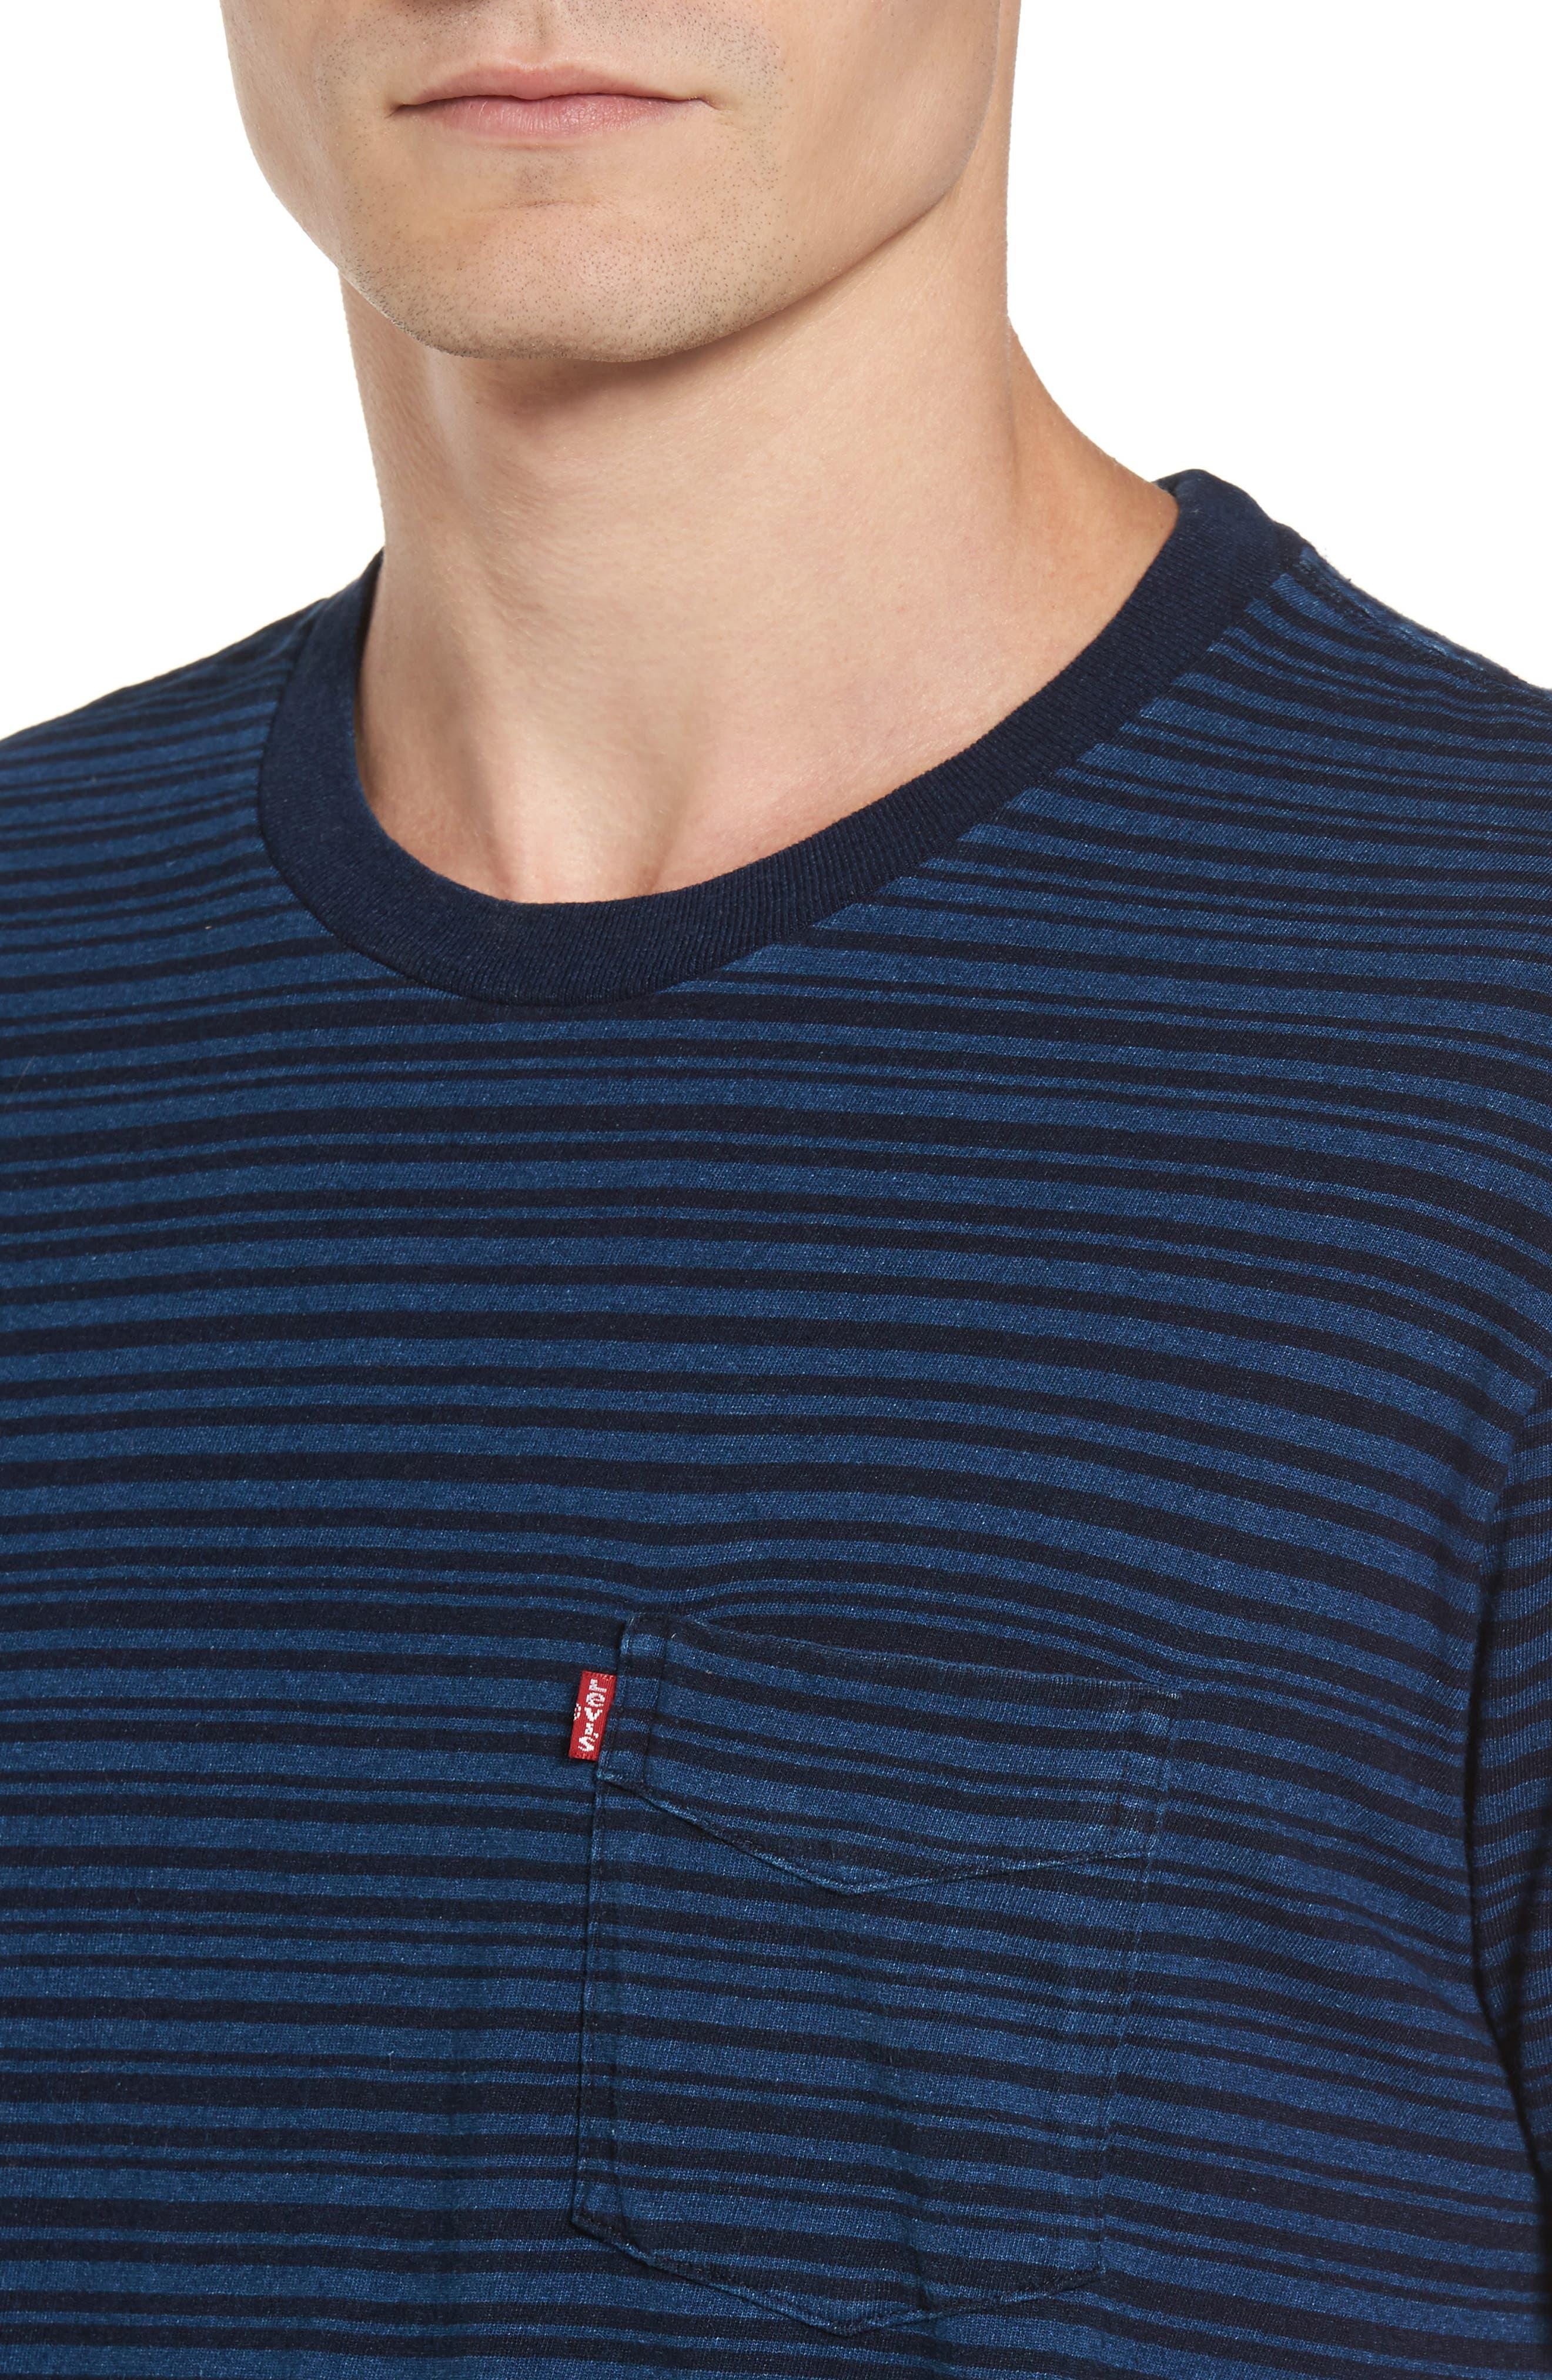 Stripe Pocket T-Shirt,                             Alternate thumbnail 4, color,                             400